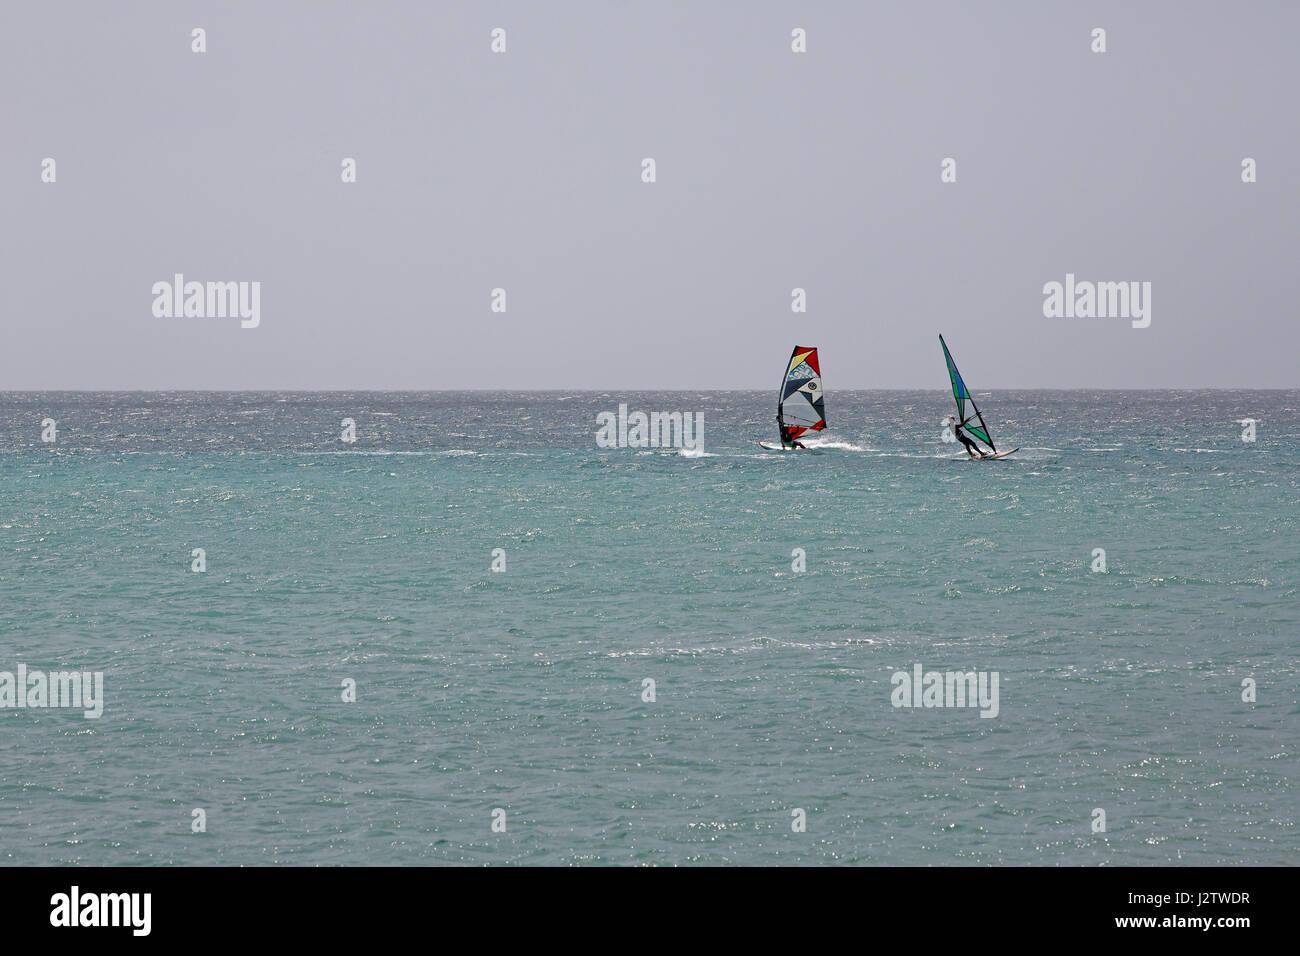 Pair of windsurfers - Stock Image